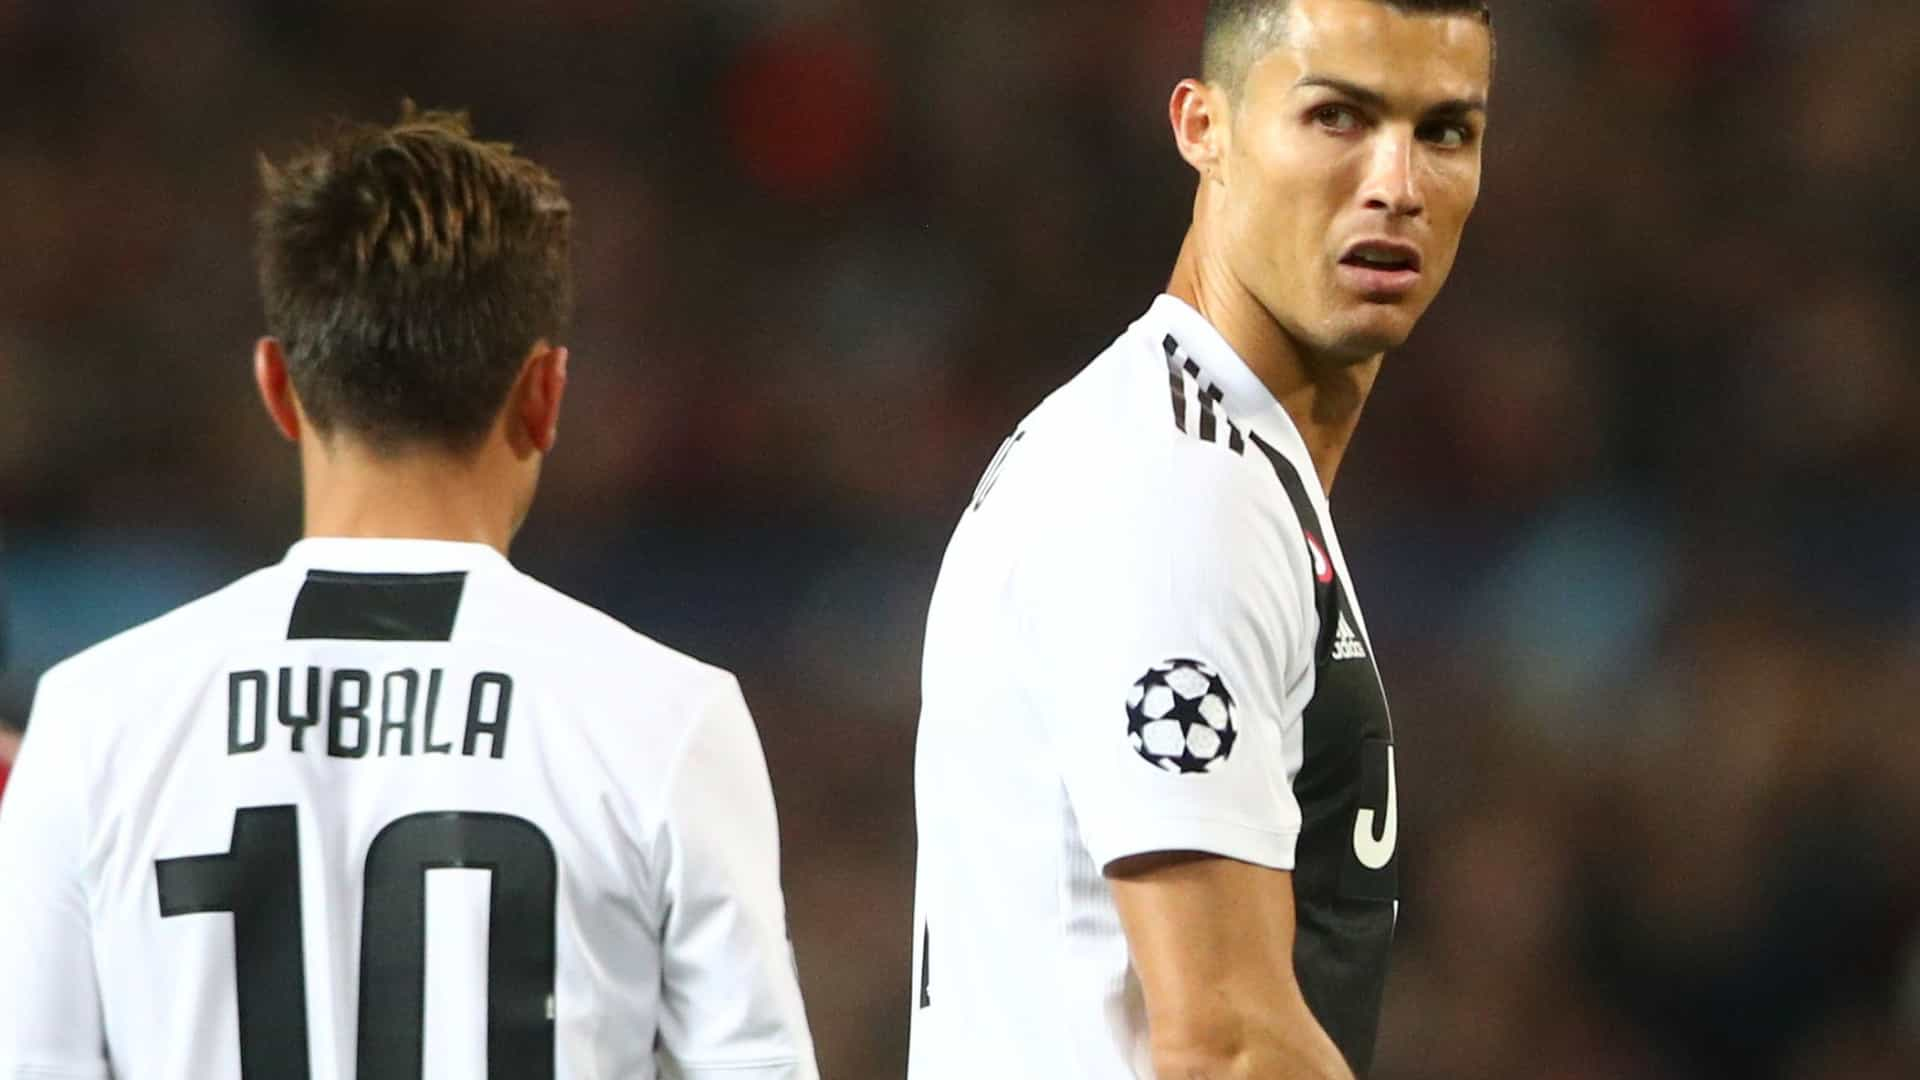 """O elogio de Dybala: """"Ronaldo está sempre calmo e é muito profissional"""""""